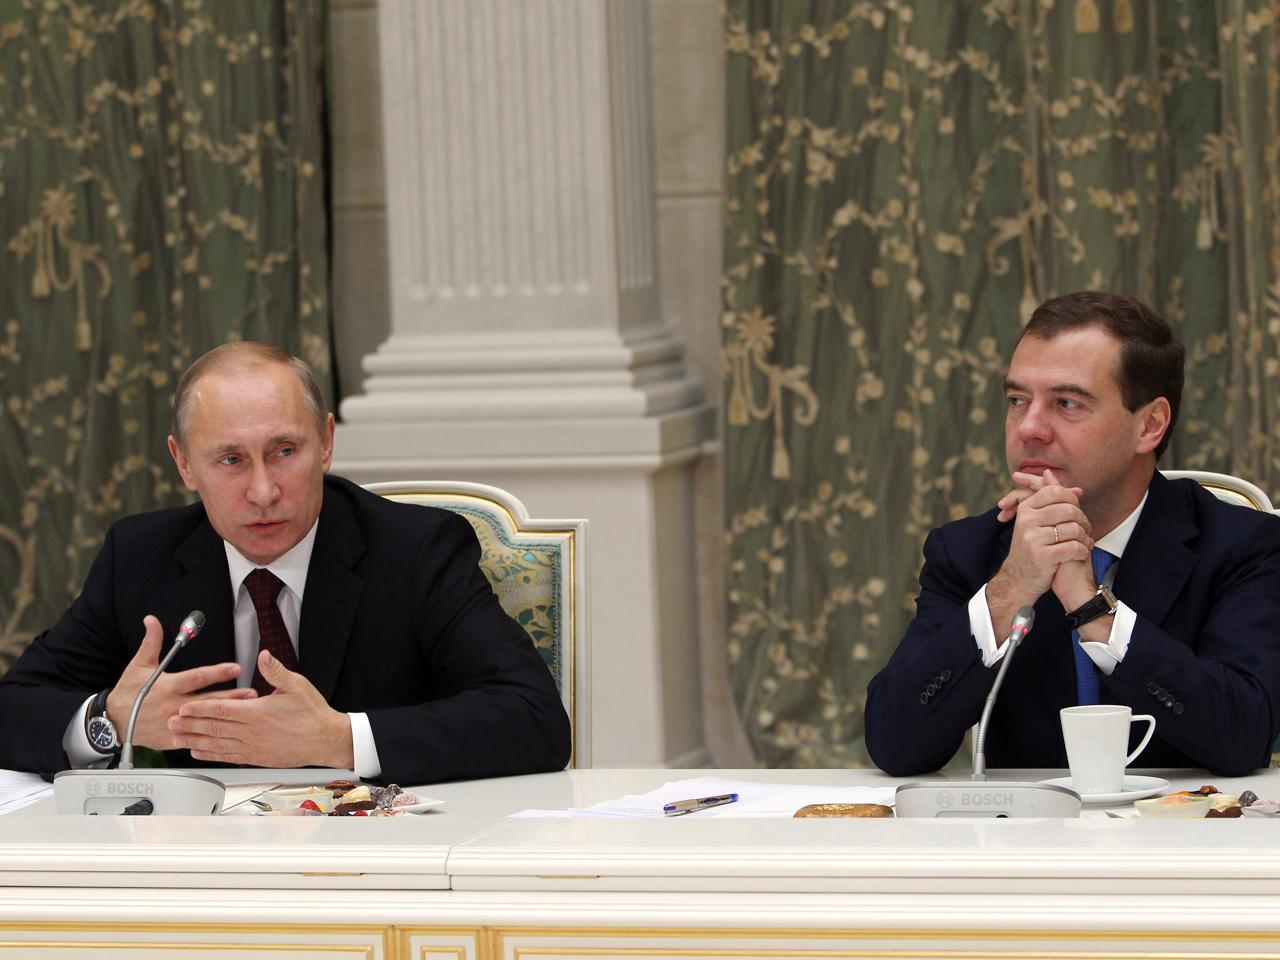 Будет ли дефолт в россии в 2014 году? анализируем факты